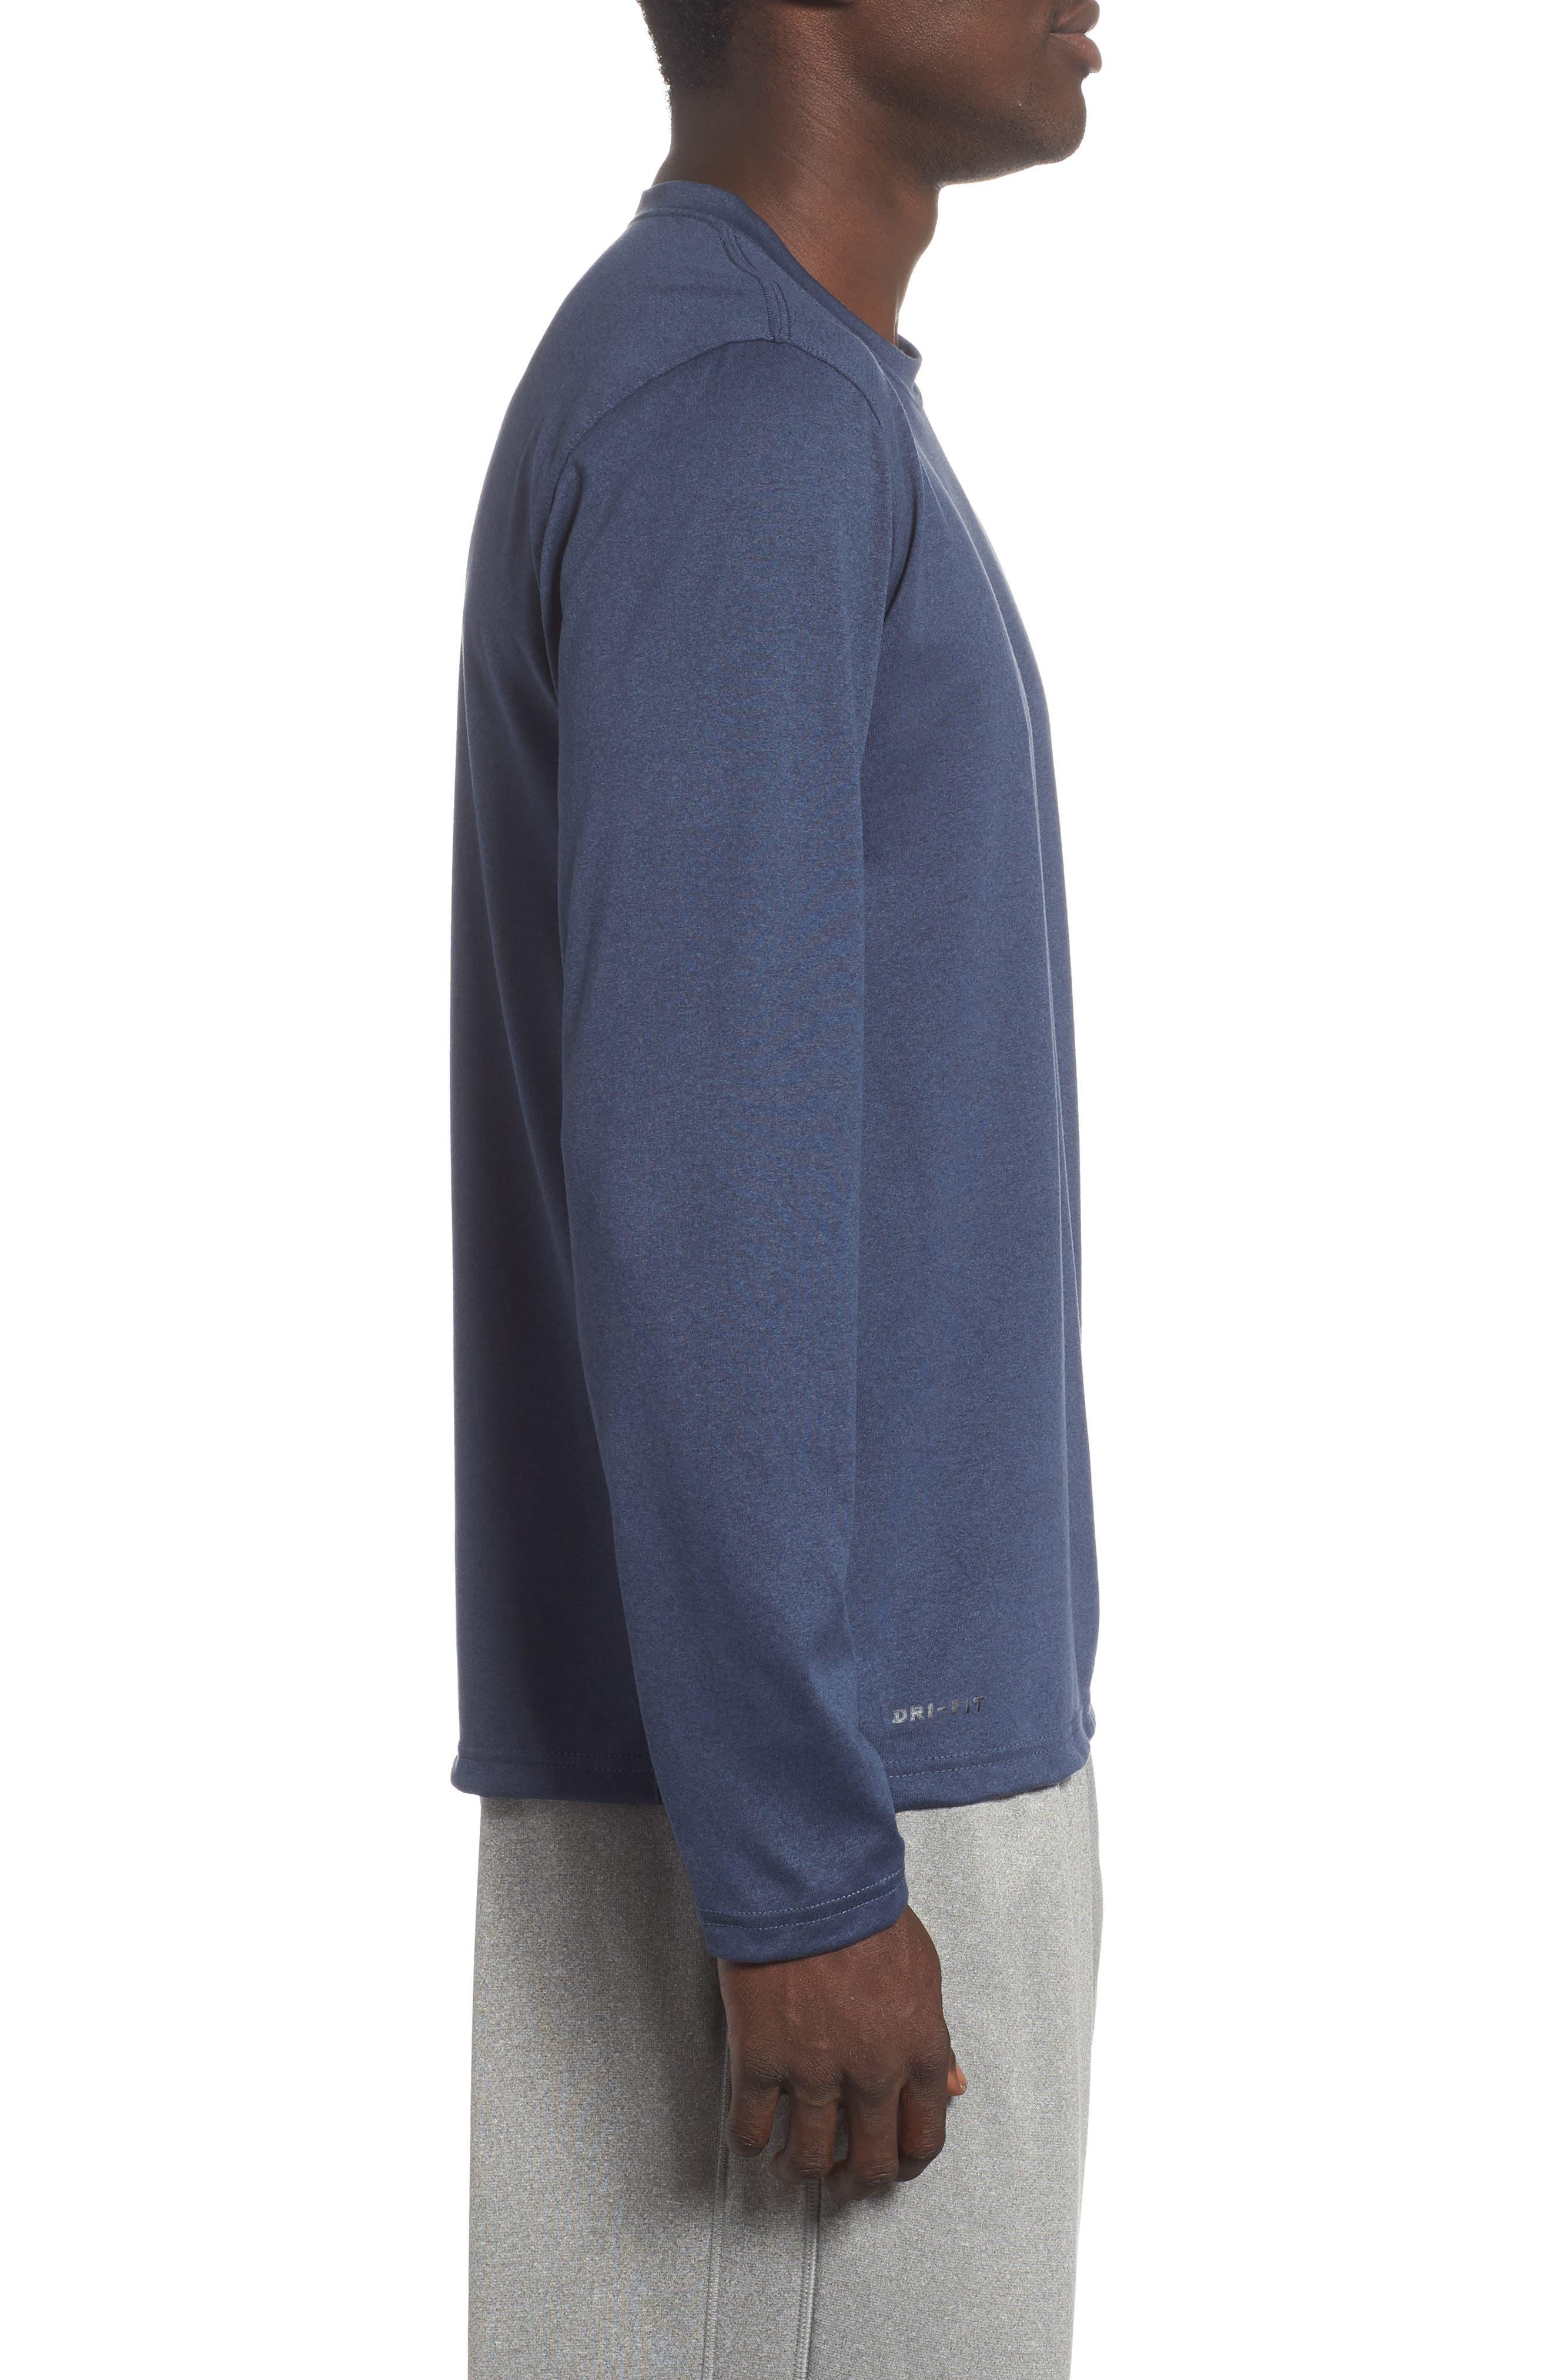 'Legend 2.0' Long Sleeve Dri-FIT Training T-Shirt,                             Alternate thumbnail 3, color,                             THUNDER BLUE/ BLACK